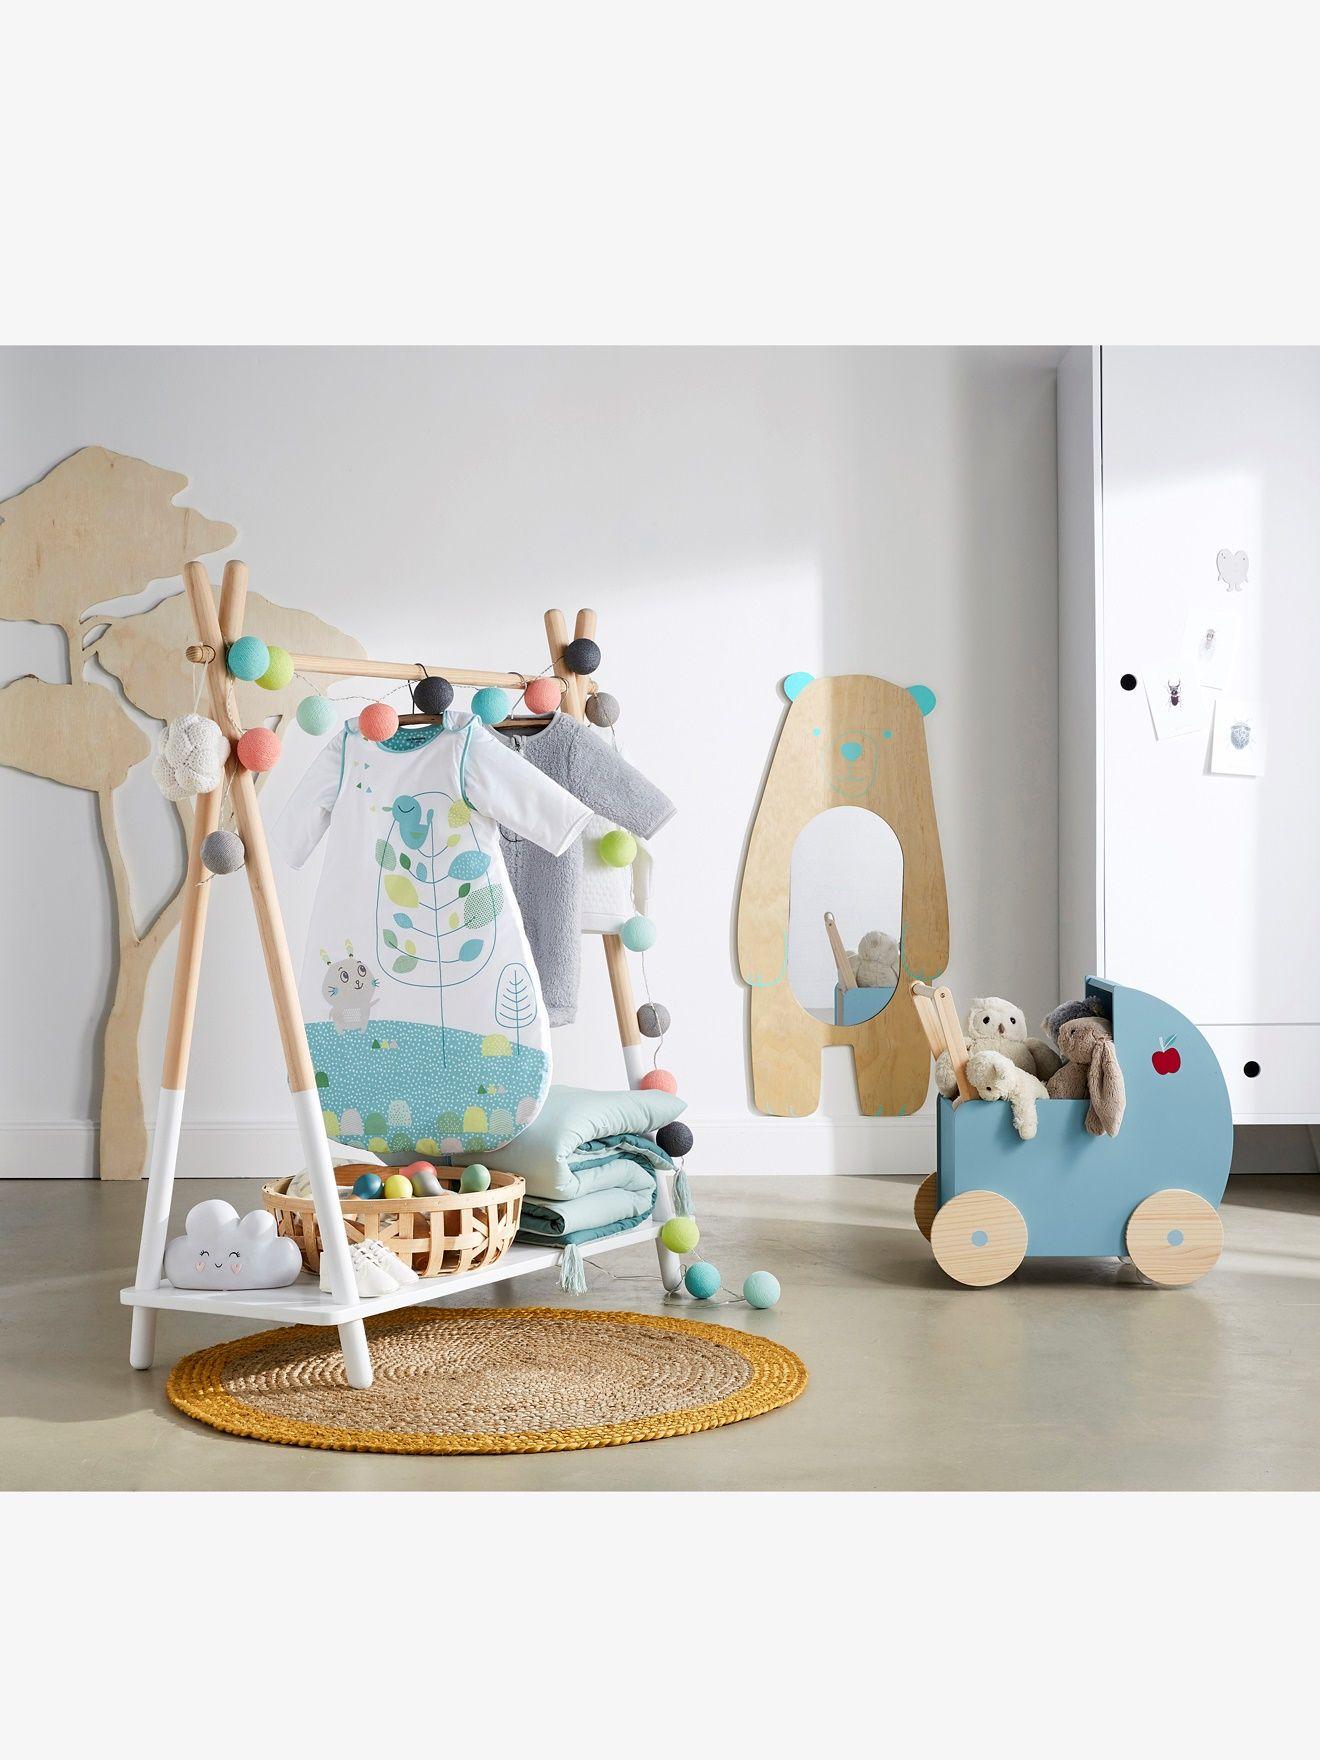 Zwillingszimmer gestalten  Vertbaudet Puppenwagen, Retro-Stil in natur/blau | <3 | Pinterest